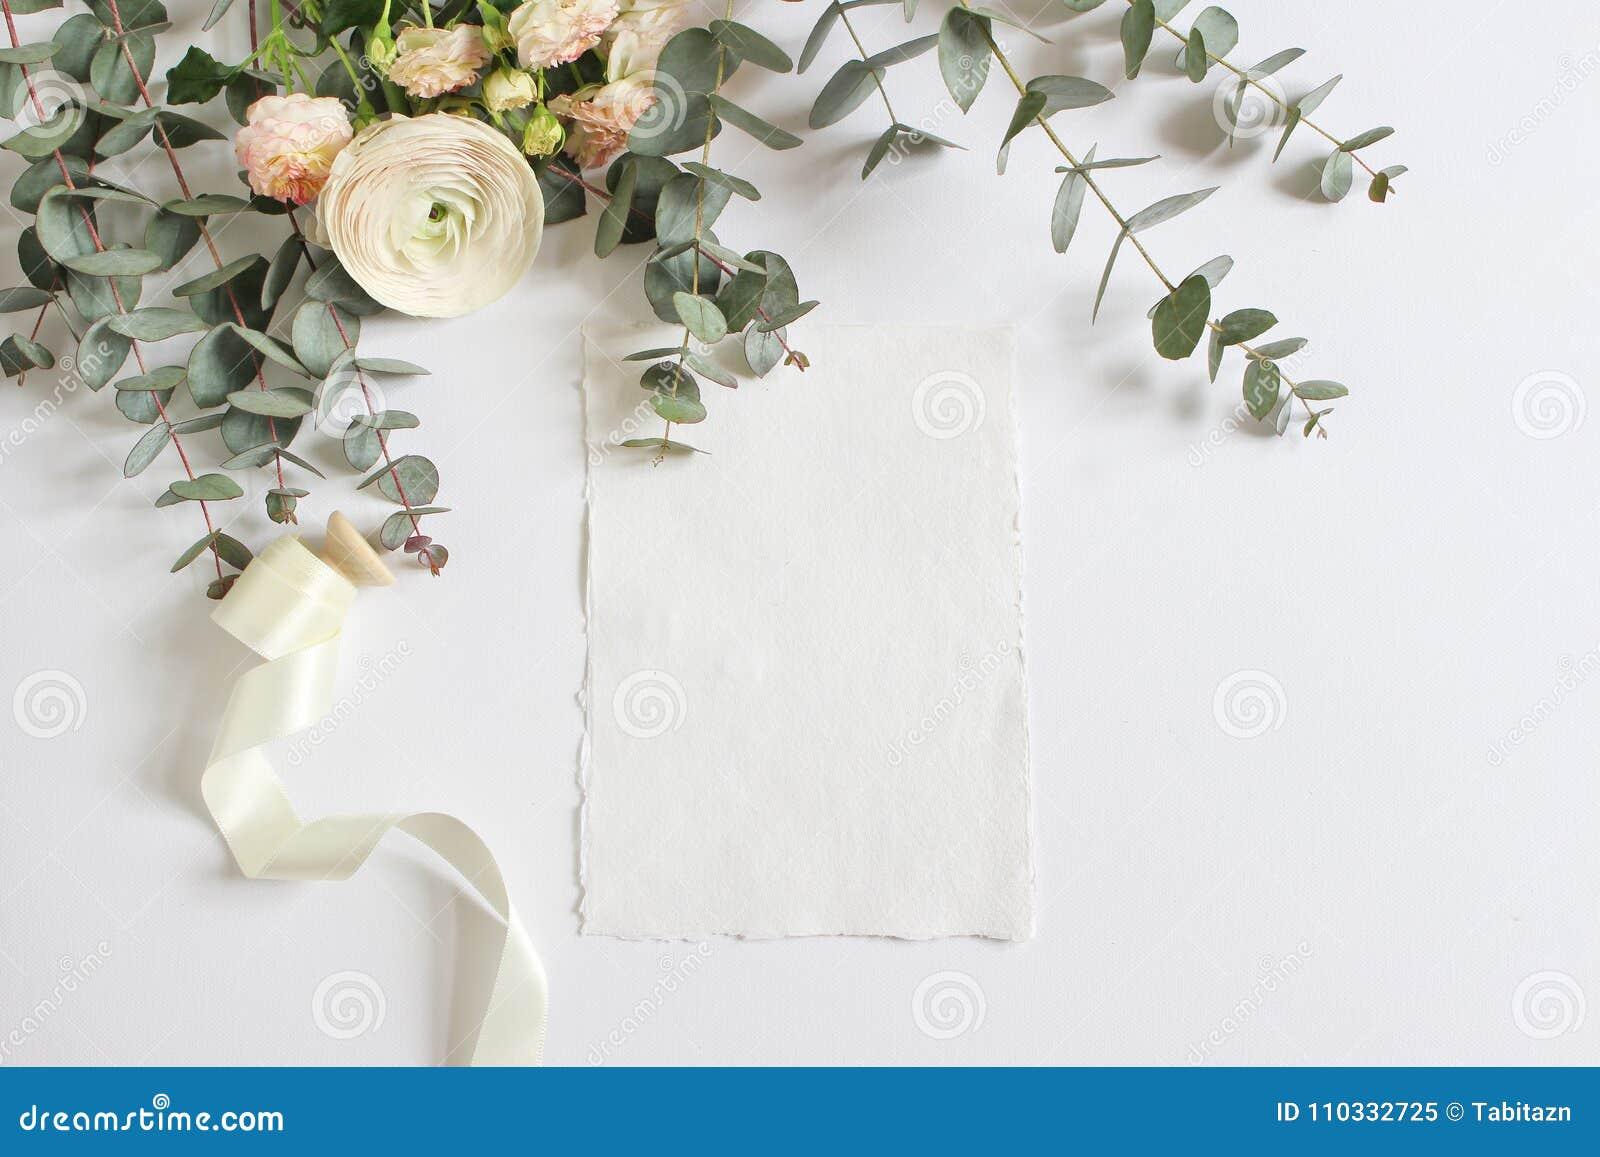 Huwelijk, de scène van het verjaardagsmodel met bloemenboeket van Perzische boterbloem, Ranunculus bloem, roze rozen, eucalyptus